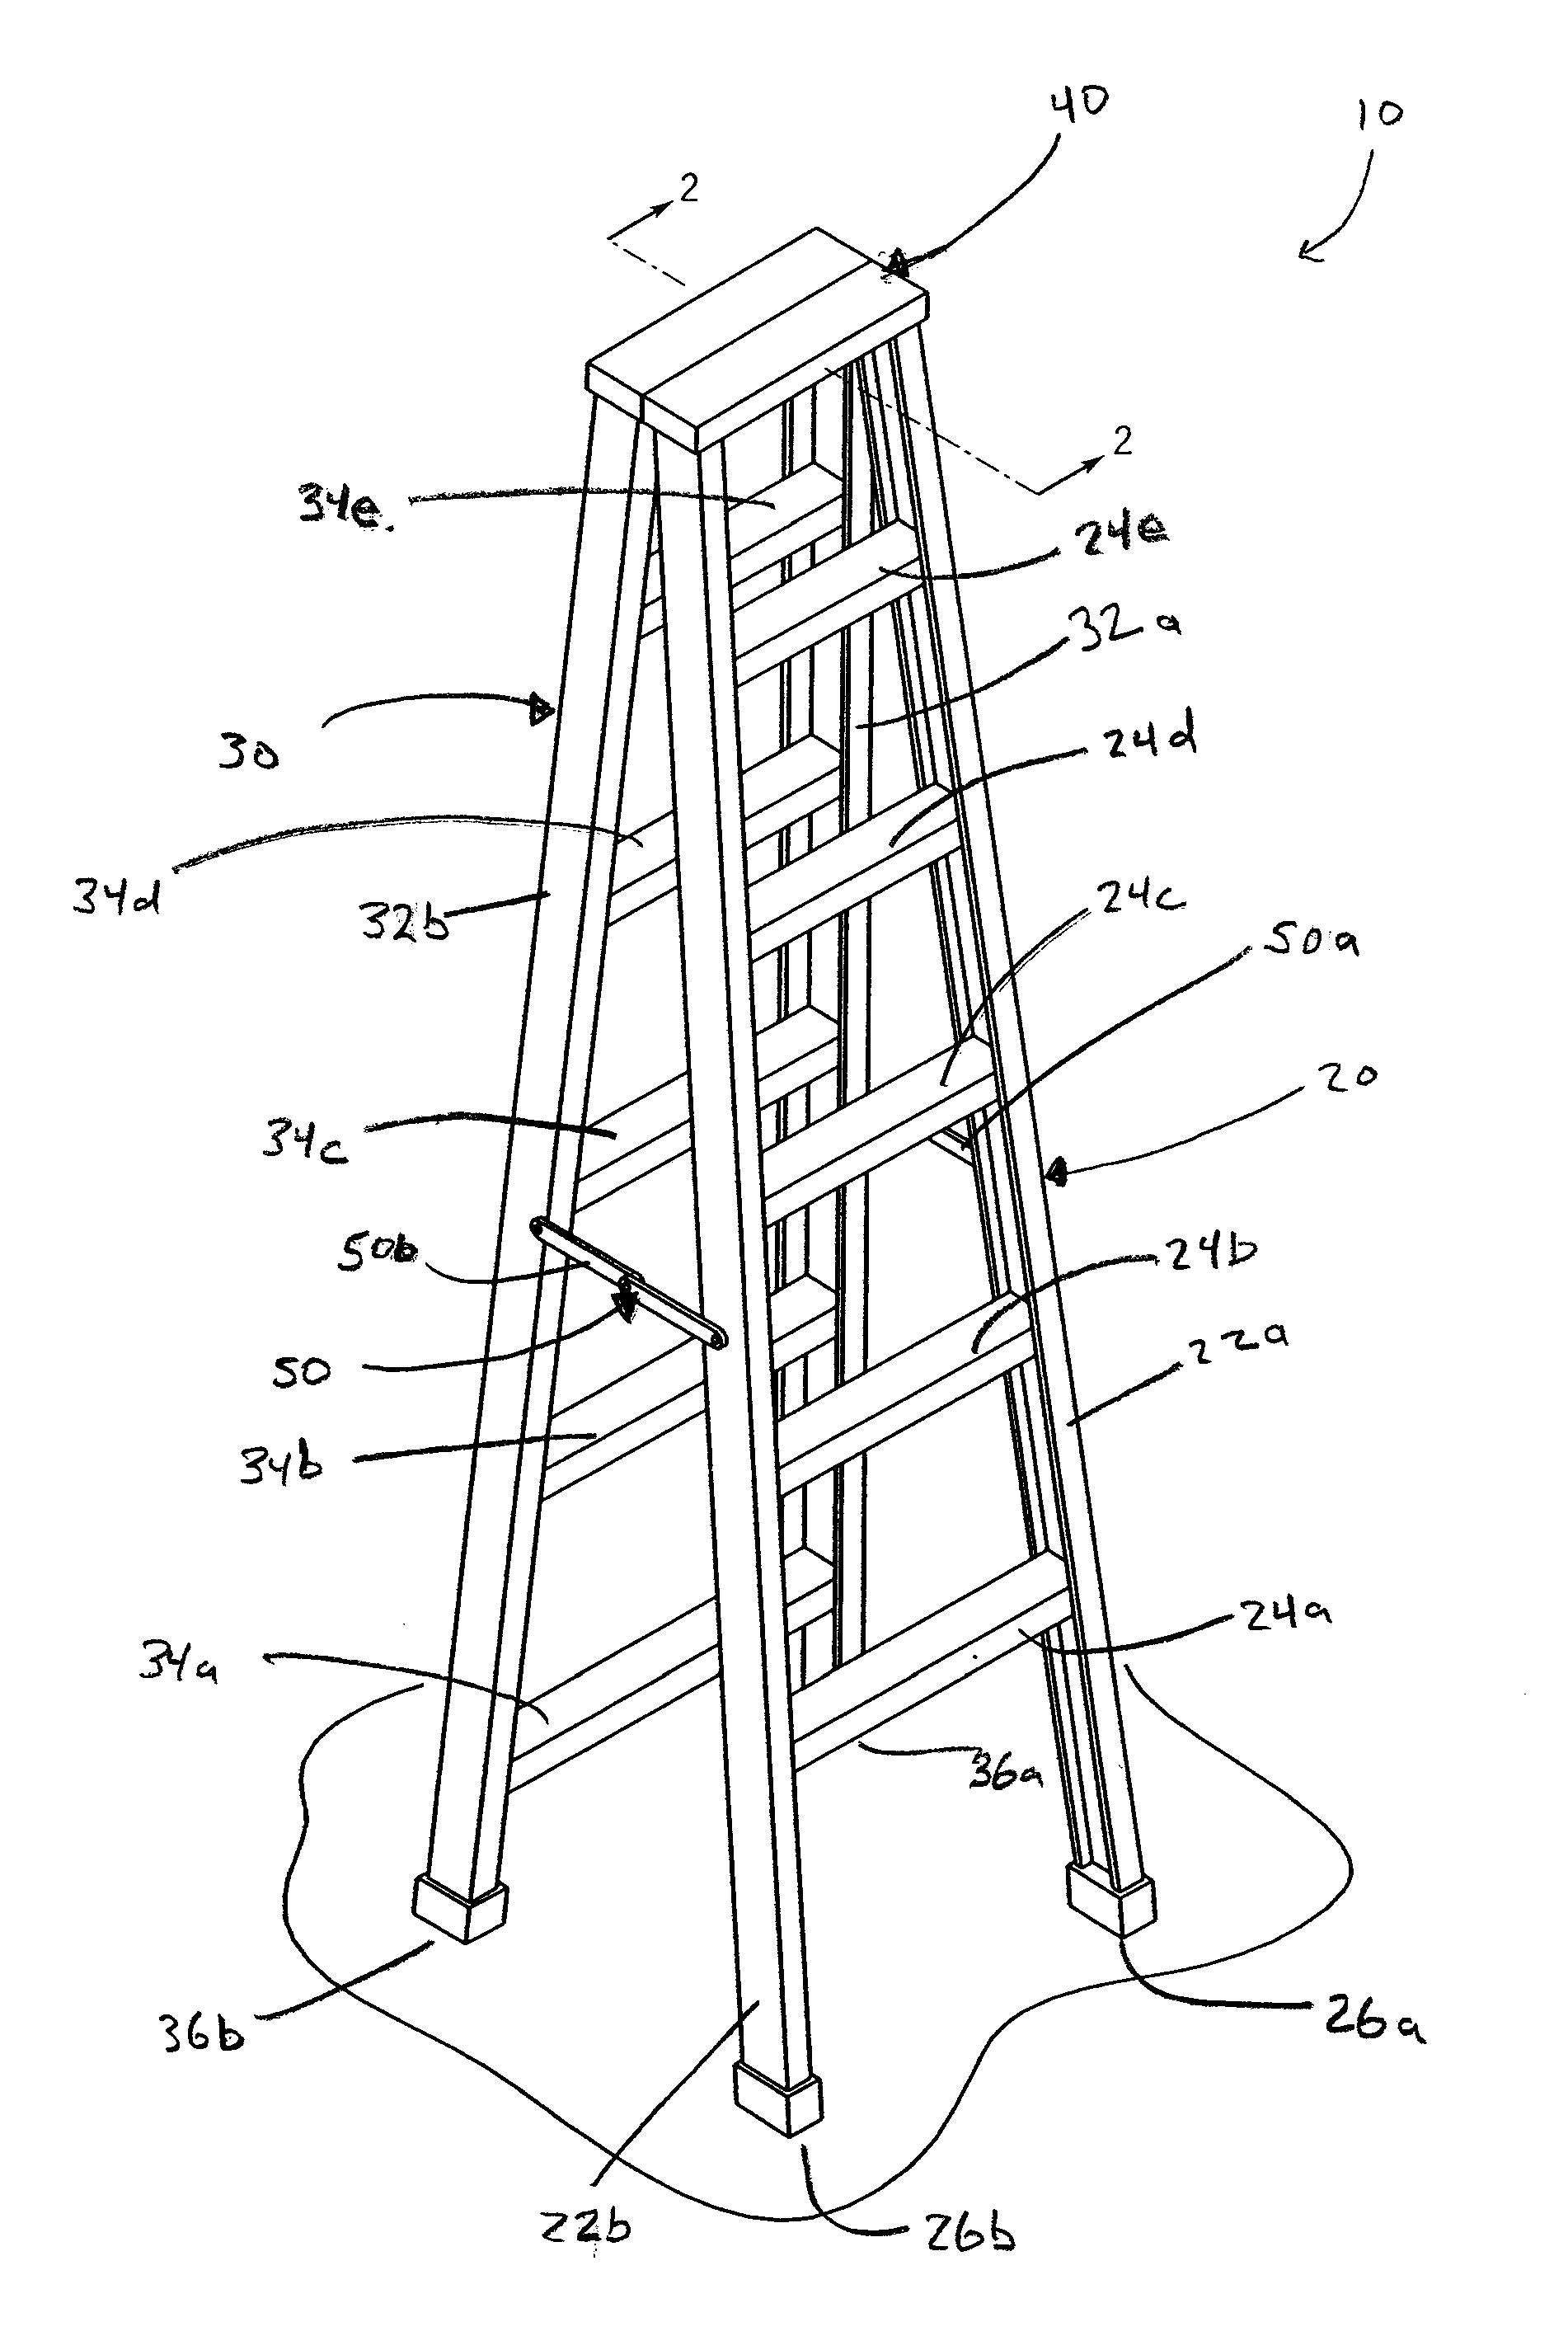 Ladder Logic Diagram Image